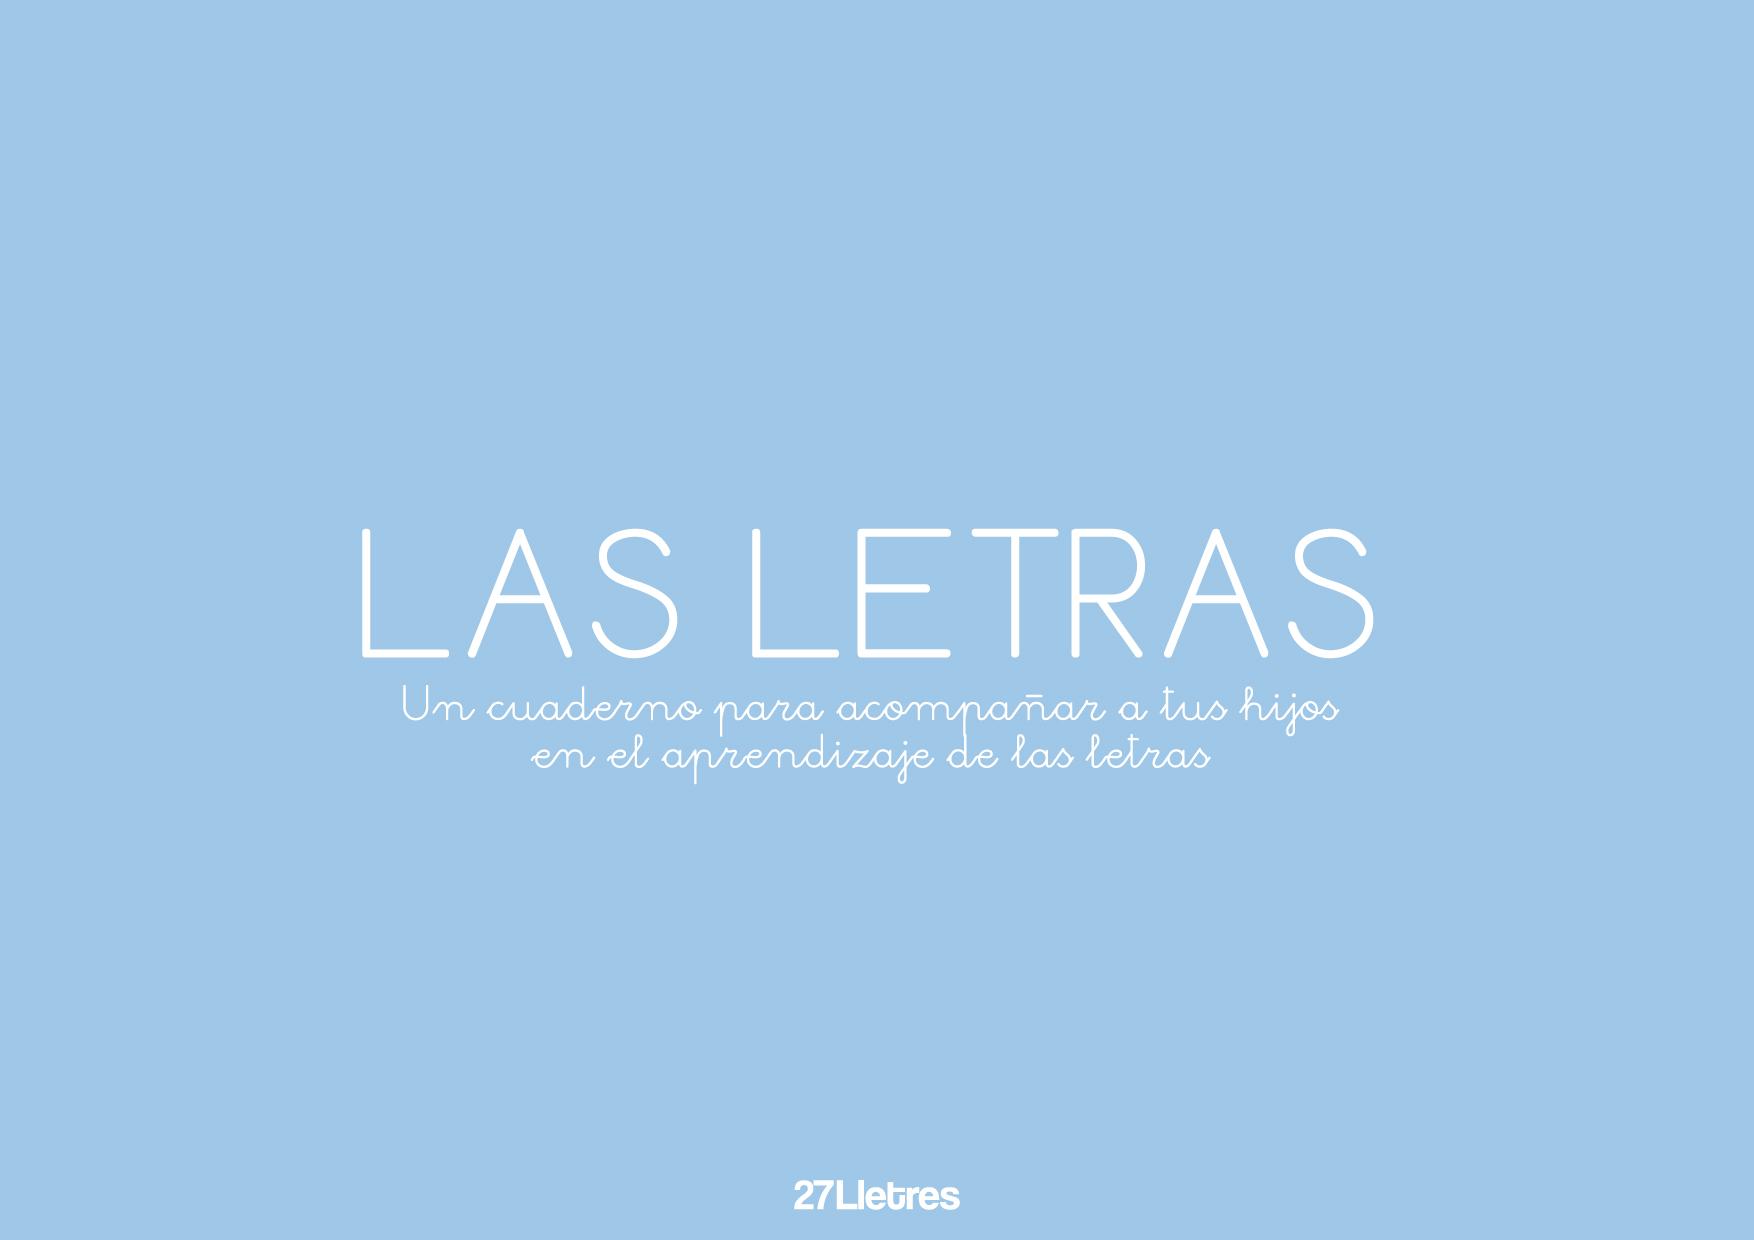 plantillas-lectoescritura-27Lletres.jpg